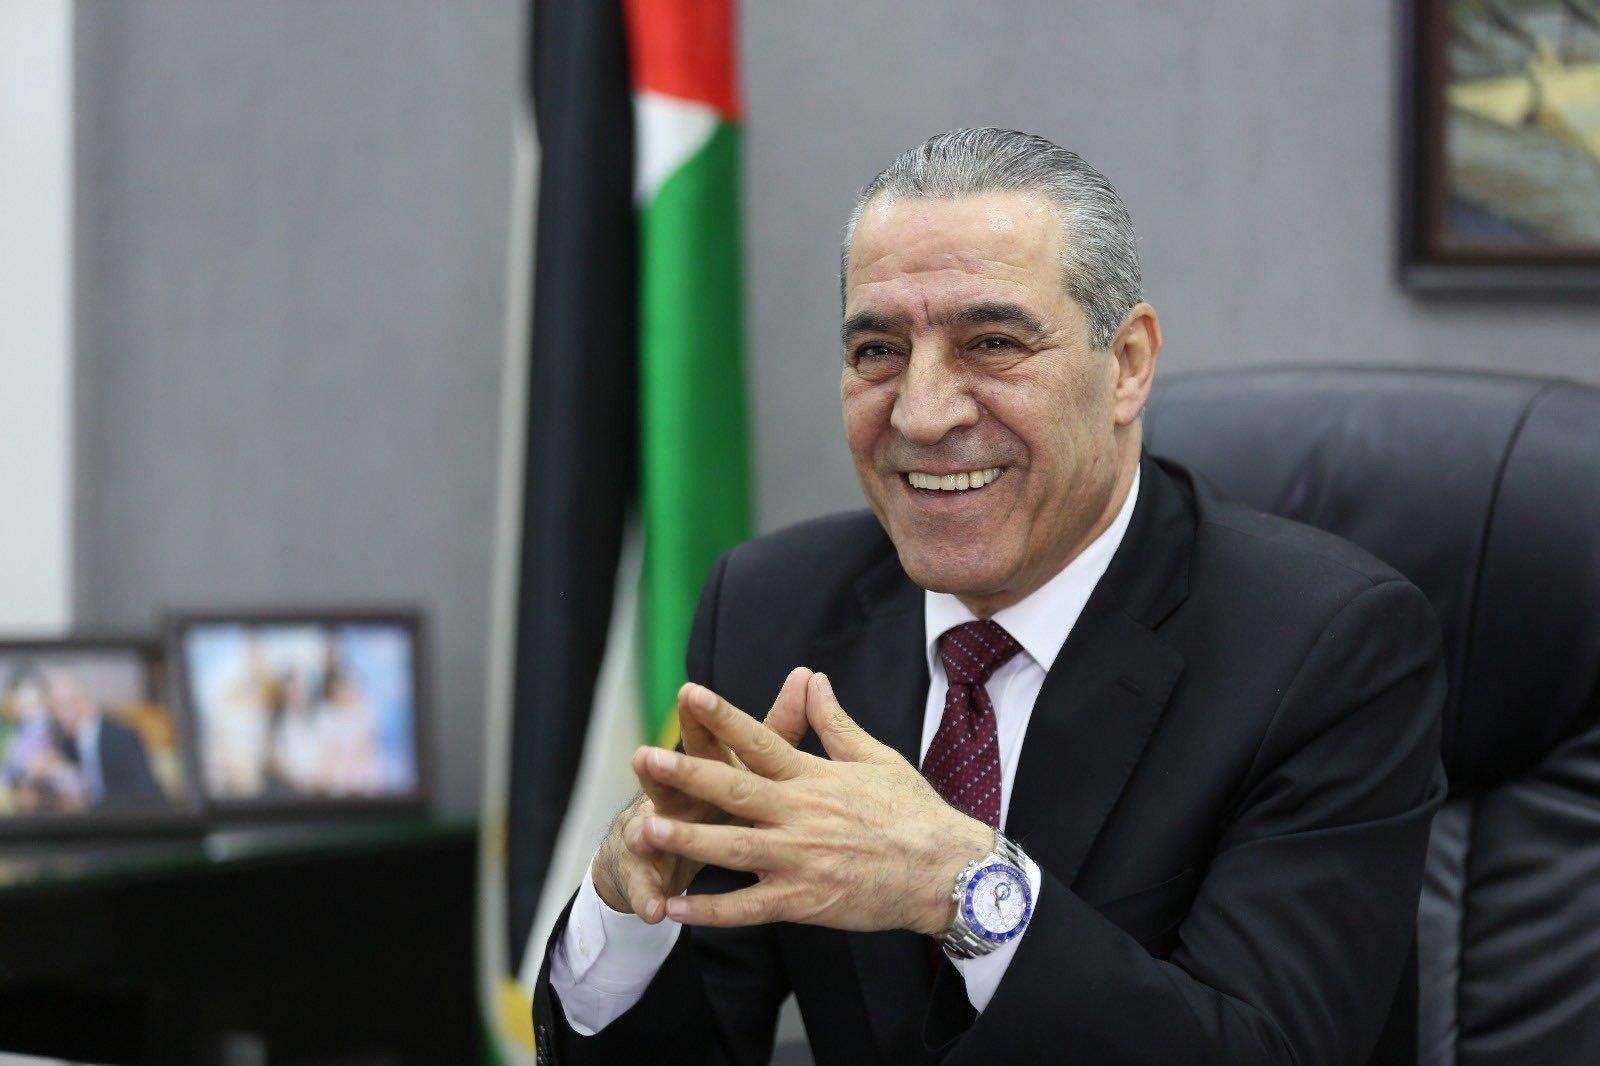 الشيخ : خدمة الـ 4G قريبا في فلسطين